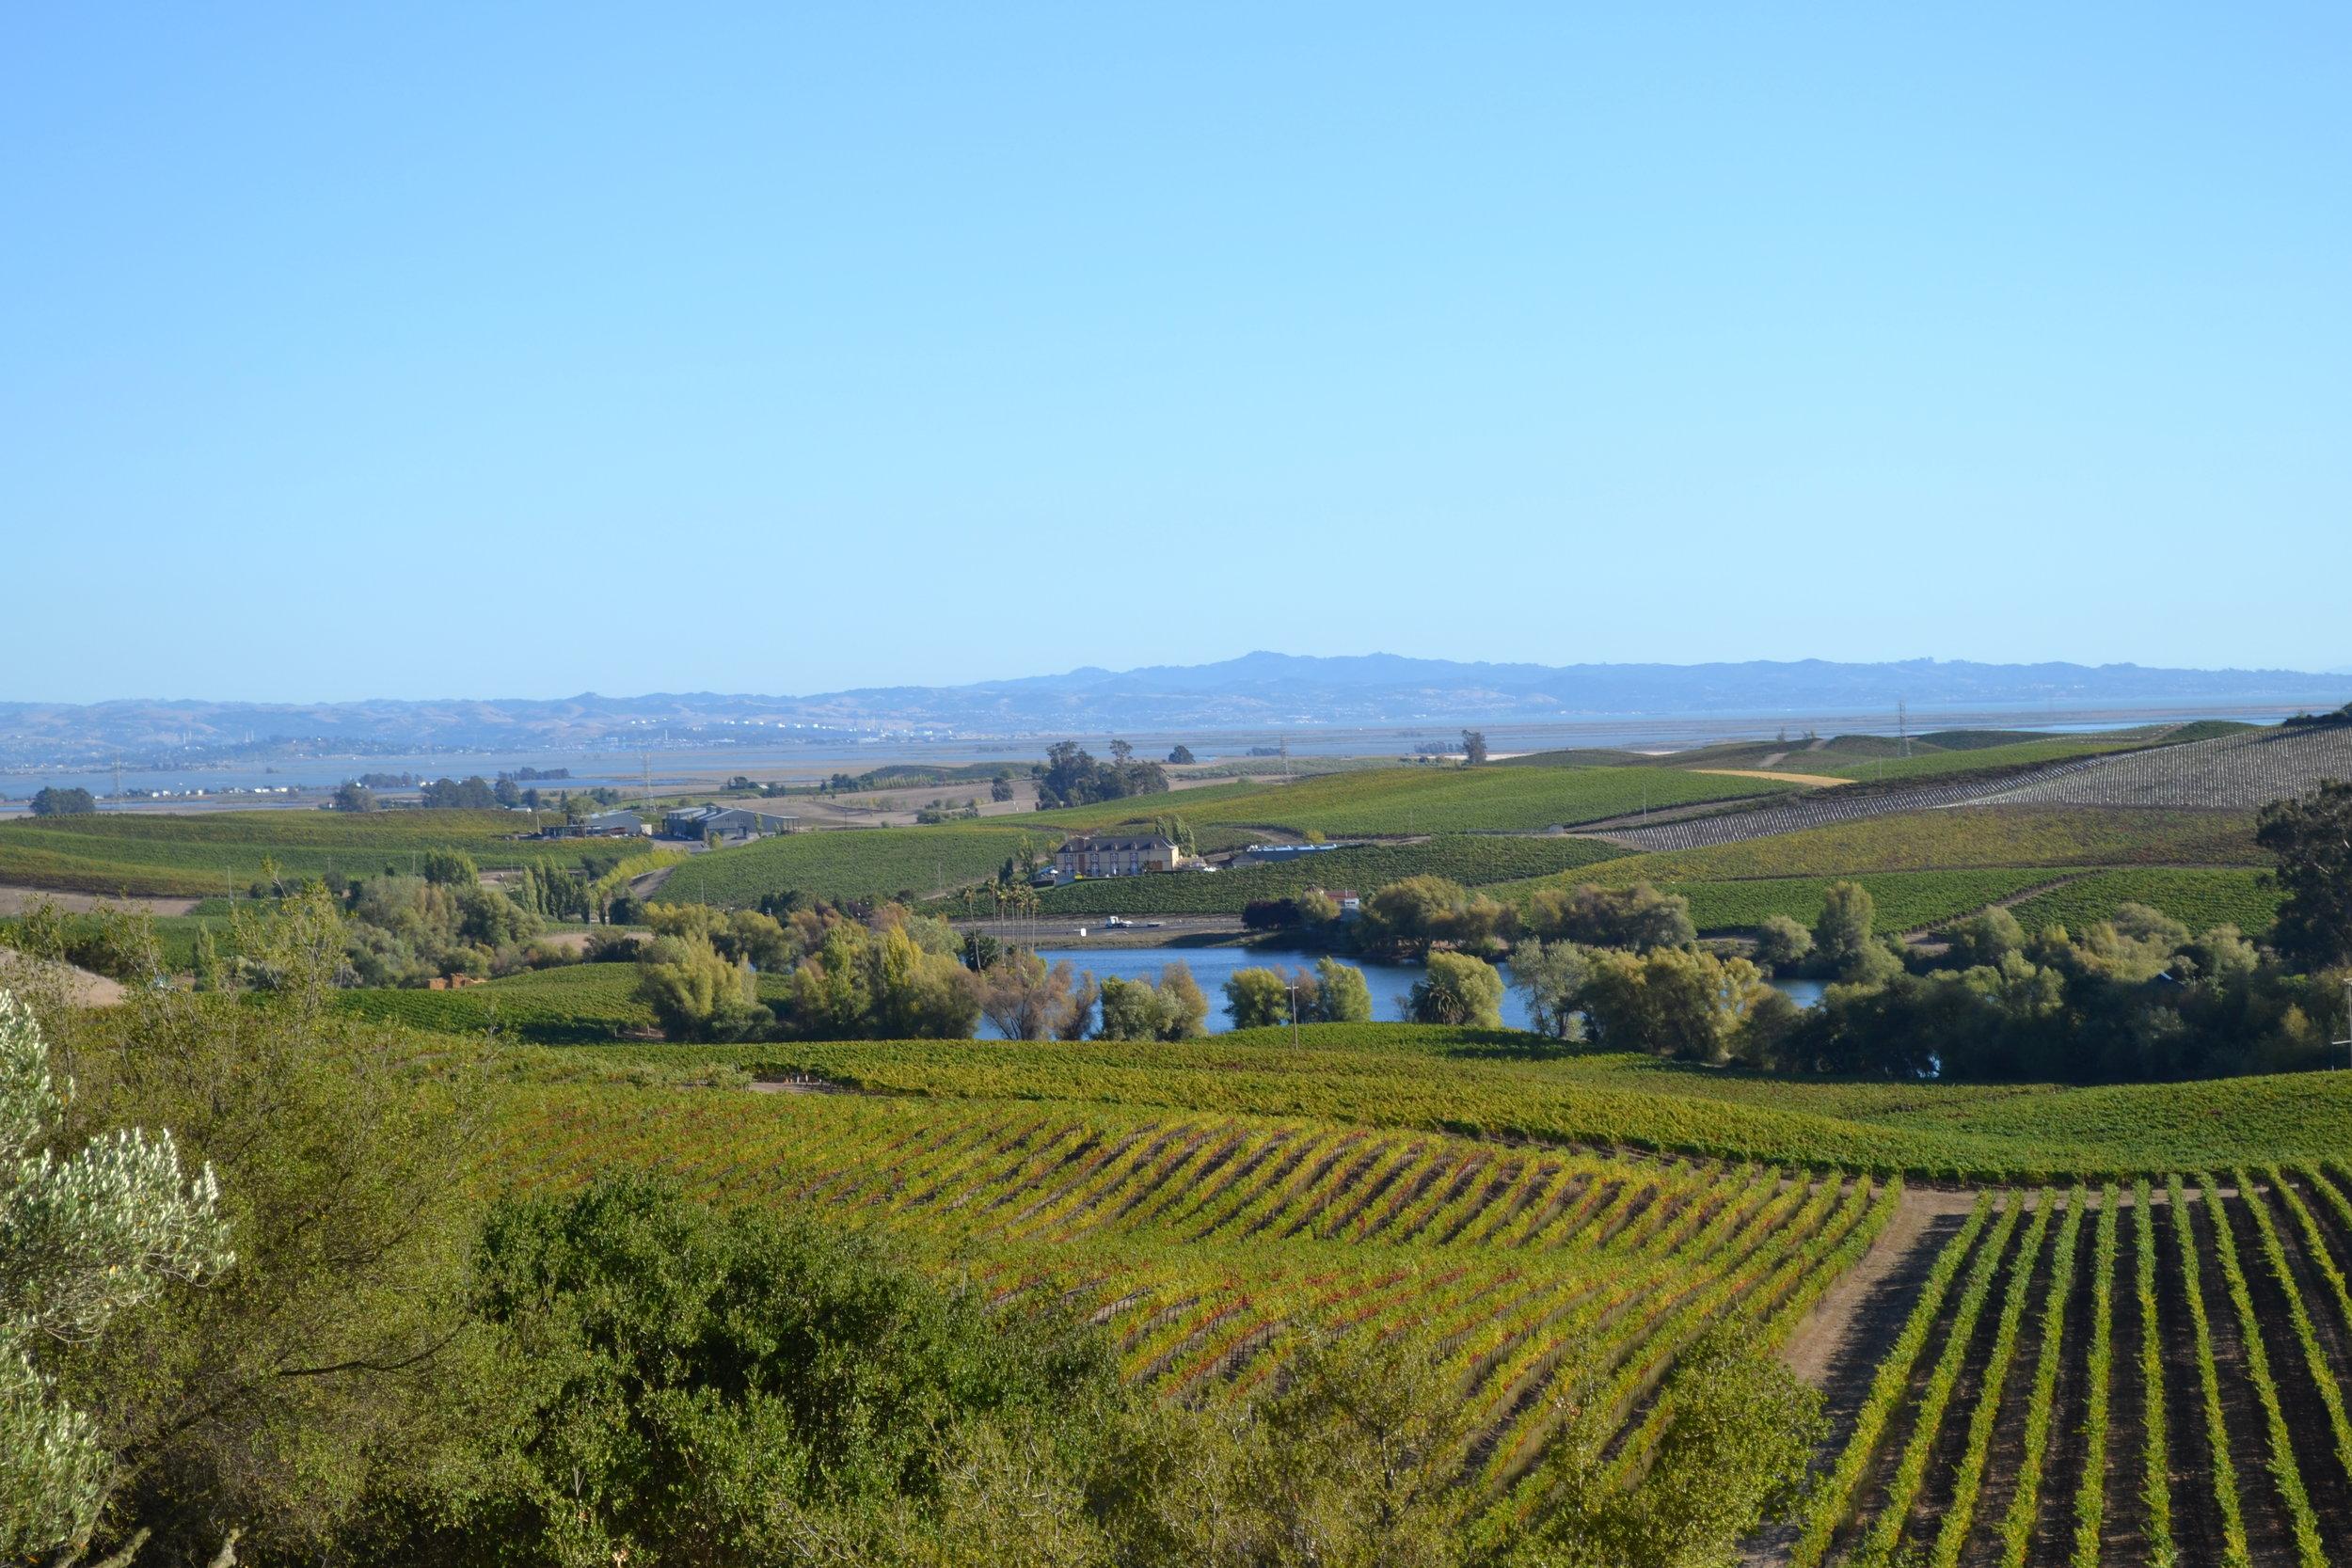 Vista de Napa Valley desde Artesa Winery